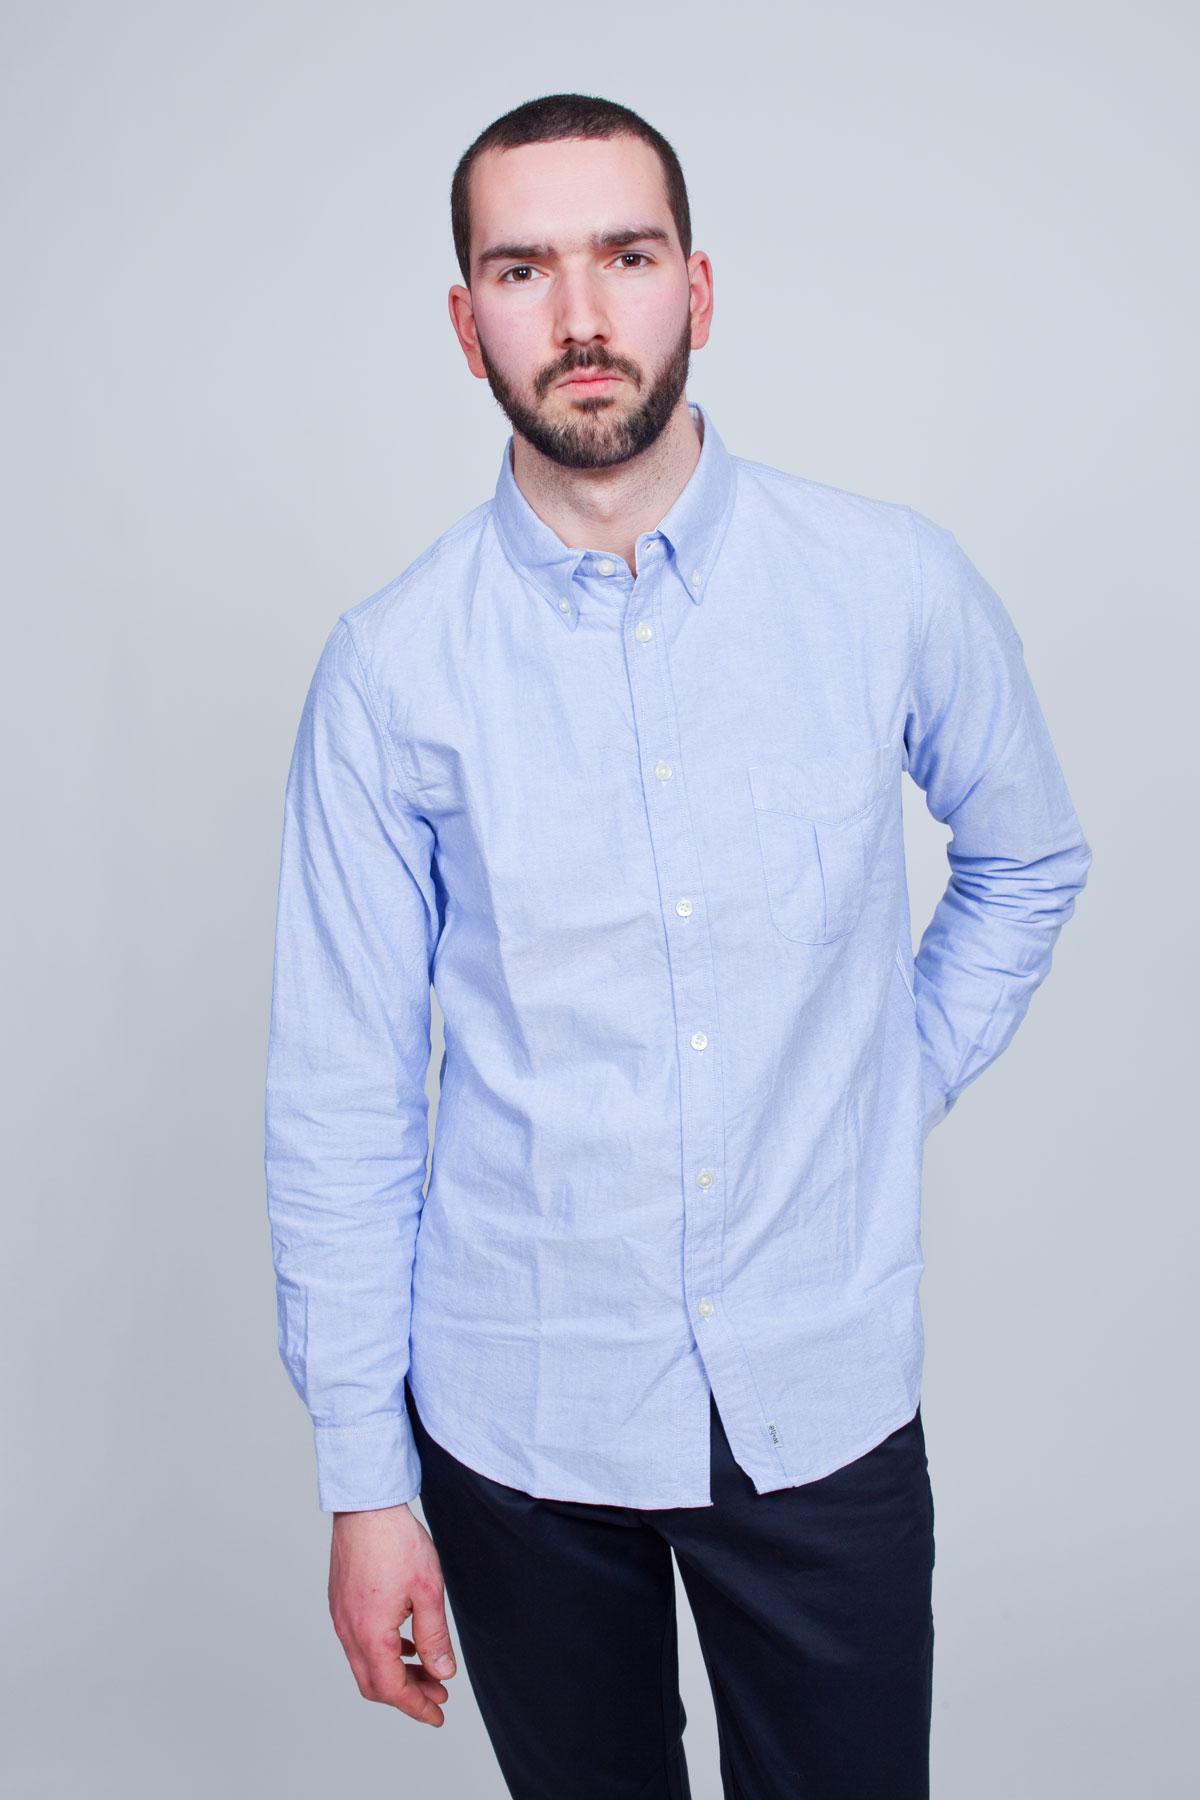 Мужская рубашка из голубой ткани оксфорд, Wings + Horns